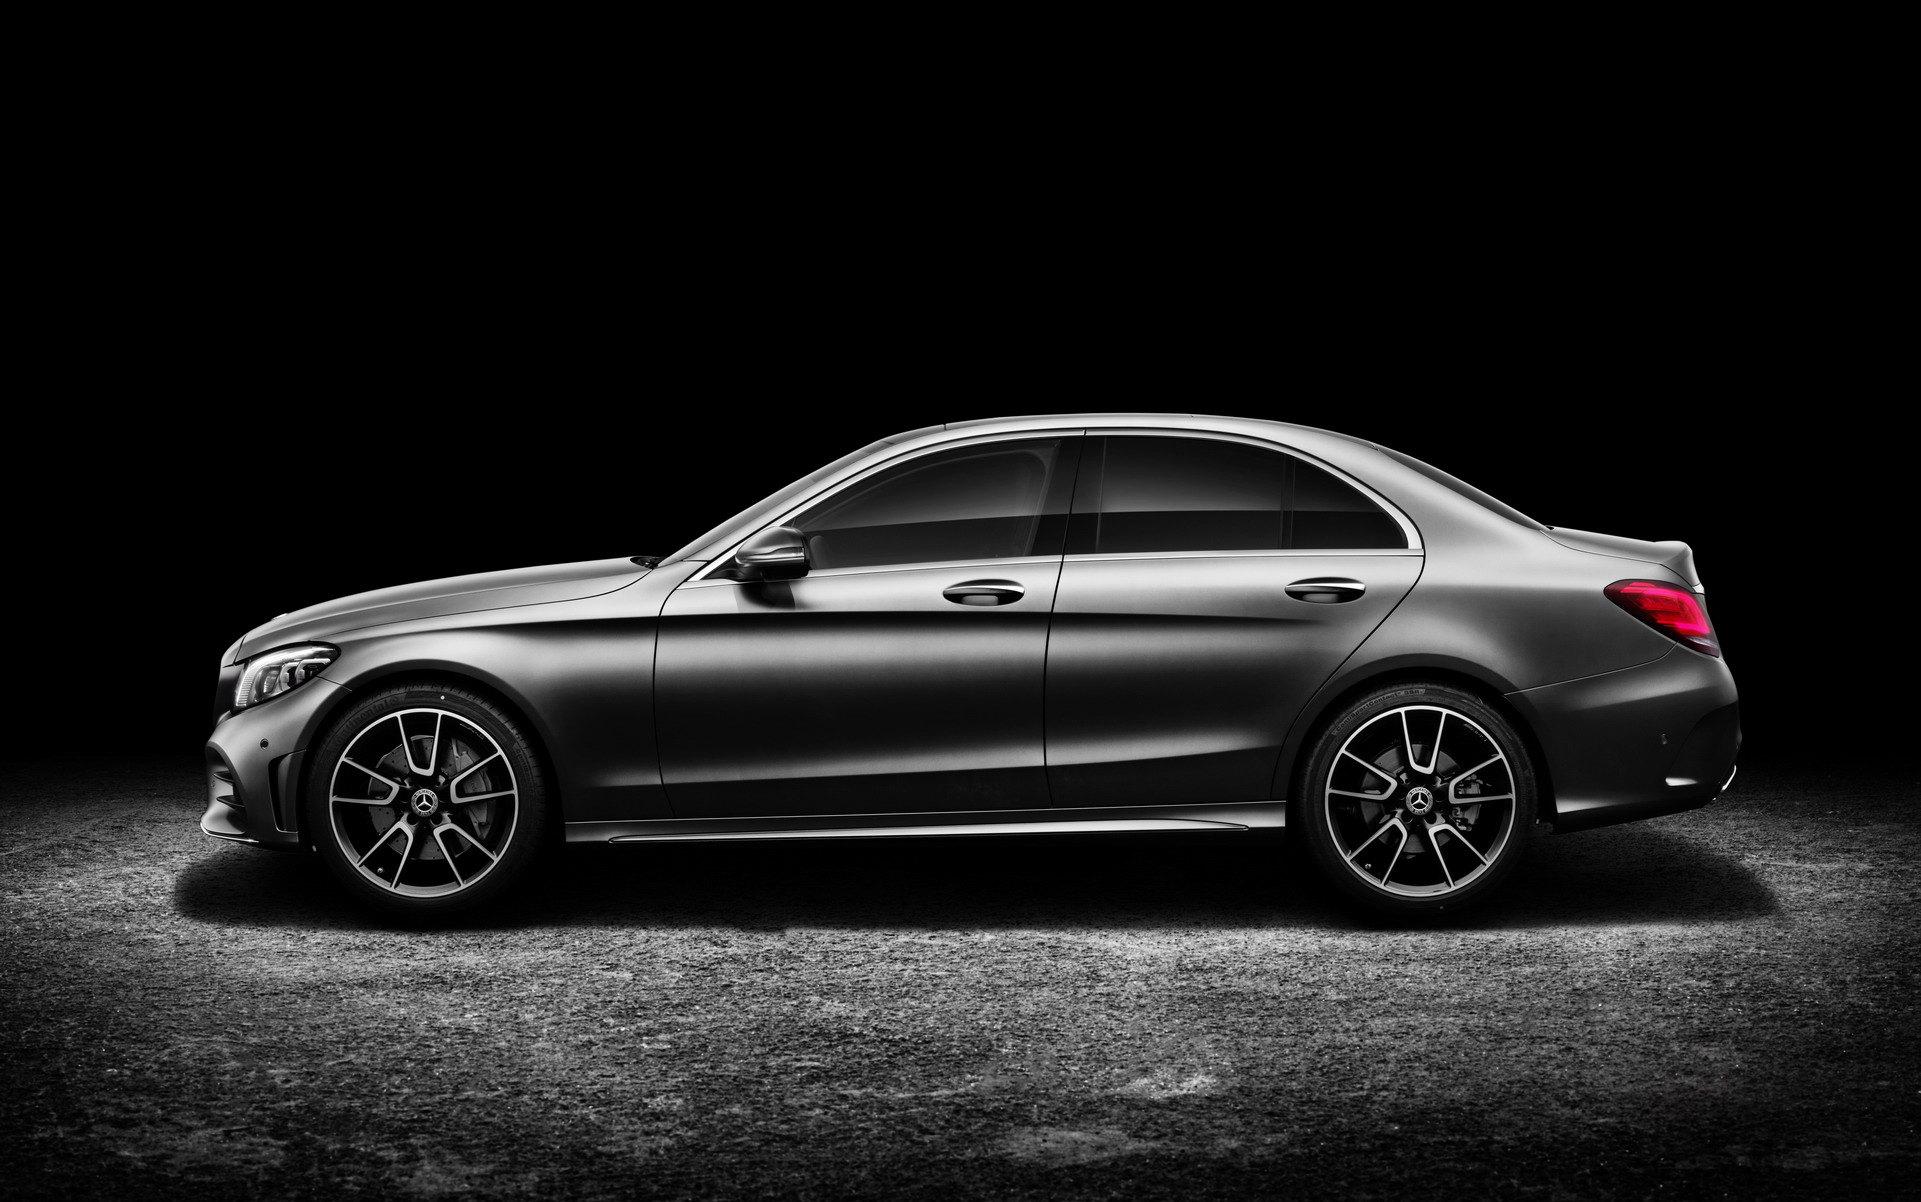 2019-Merceedes-Benz-C-Class-Facelift-21.jpg